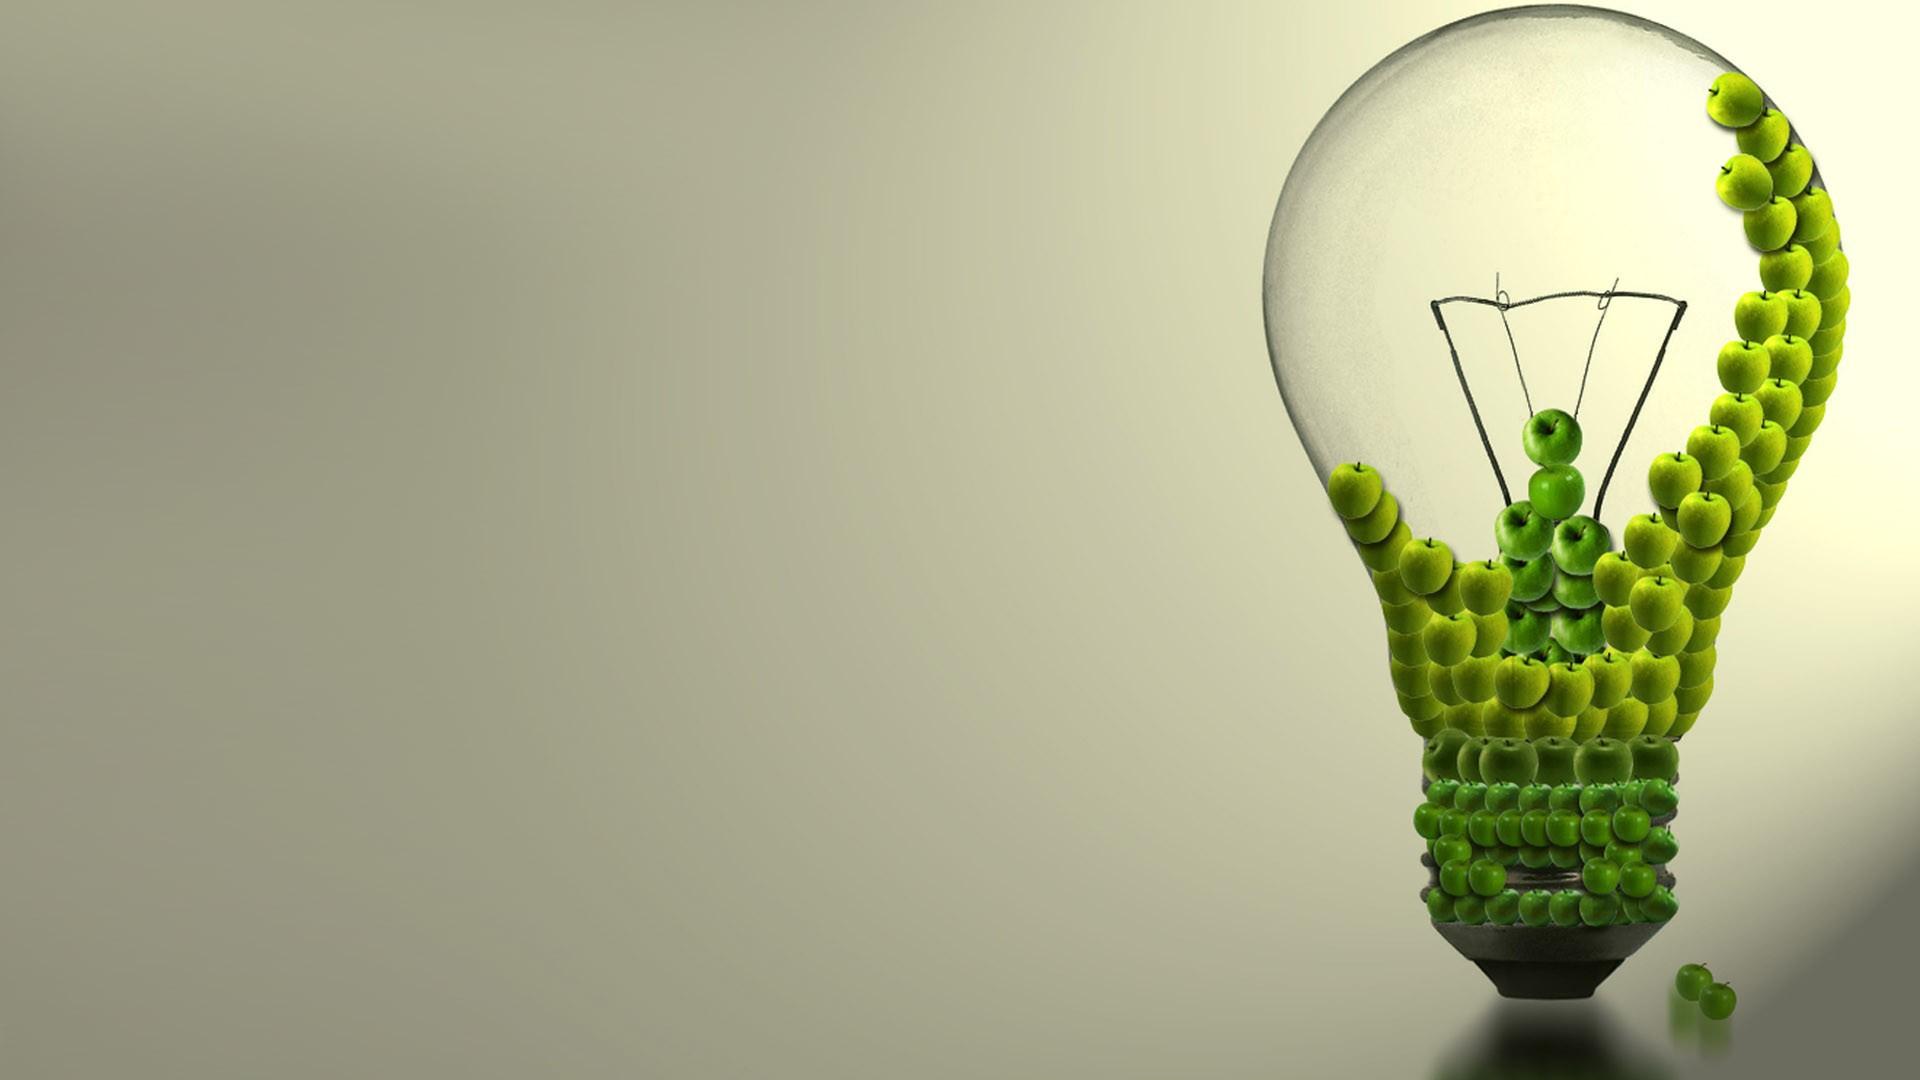 Lamp Wallpaper